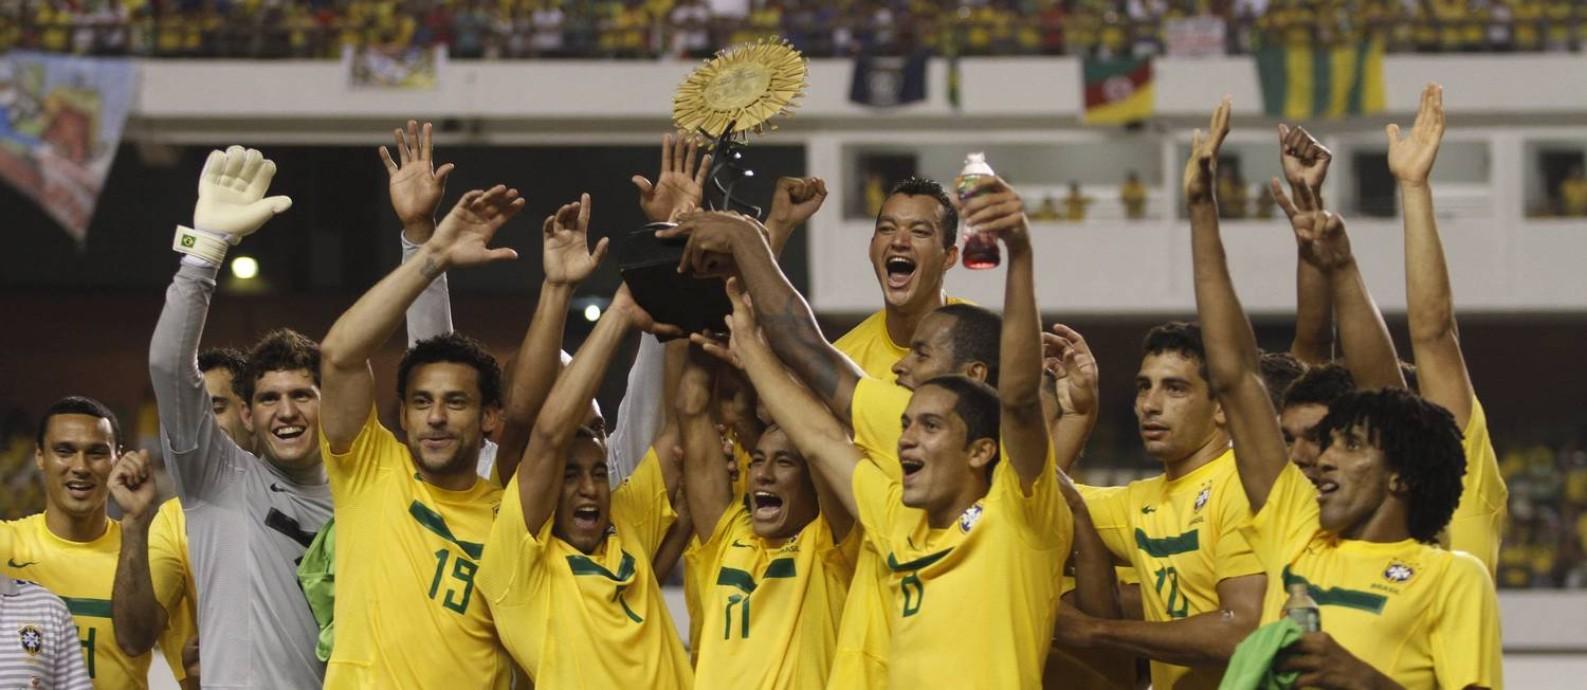 Jogadores da seleção brasileira erguem o troféu do Superclássico das Américas no Mangueirão, em Belém: torneio tem história tumultuada Foto: Antonio Cicero / Fotoarena